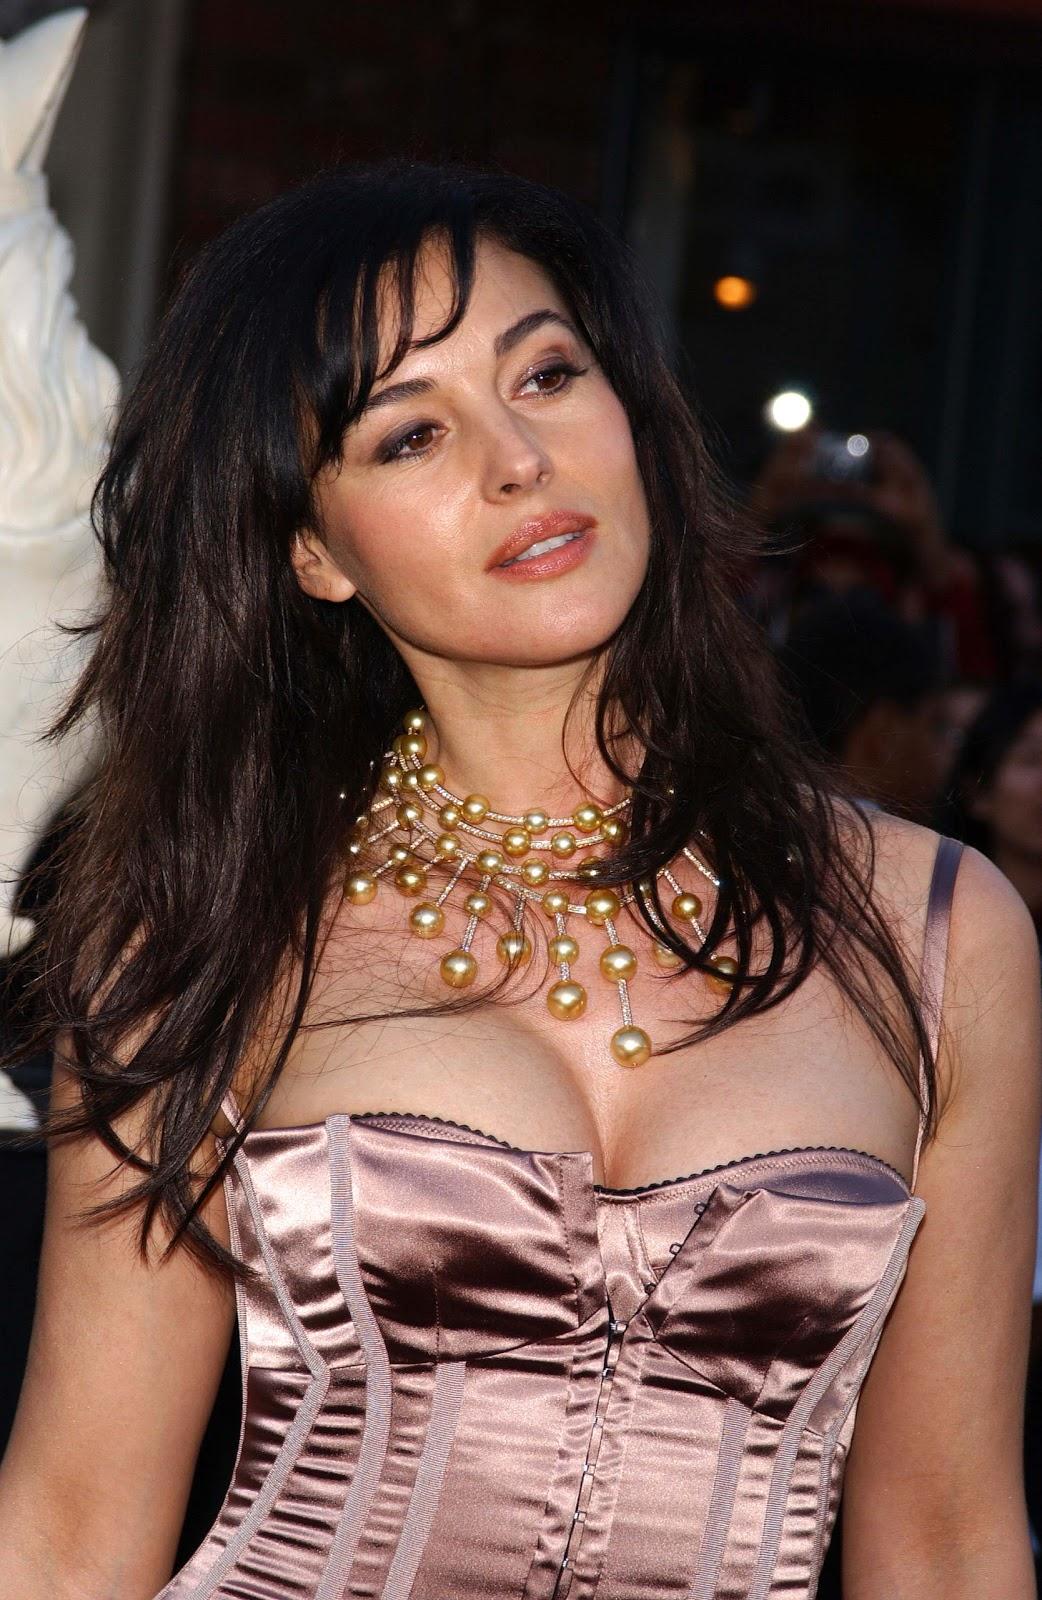 http://3.bp.blogspot.com/-t9RPr6ocMP0/Tf0AD-89FlI/AAAAAAAAARQ/fk-Cs2PzEVY/s1600/monica_bellucci_2003.jpg